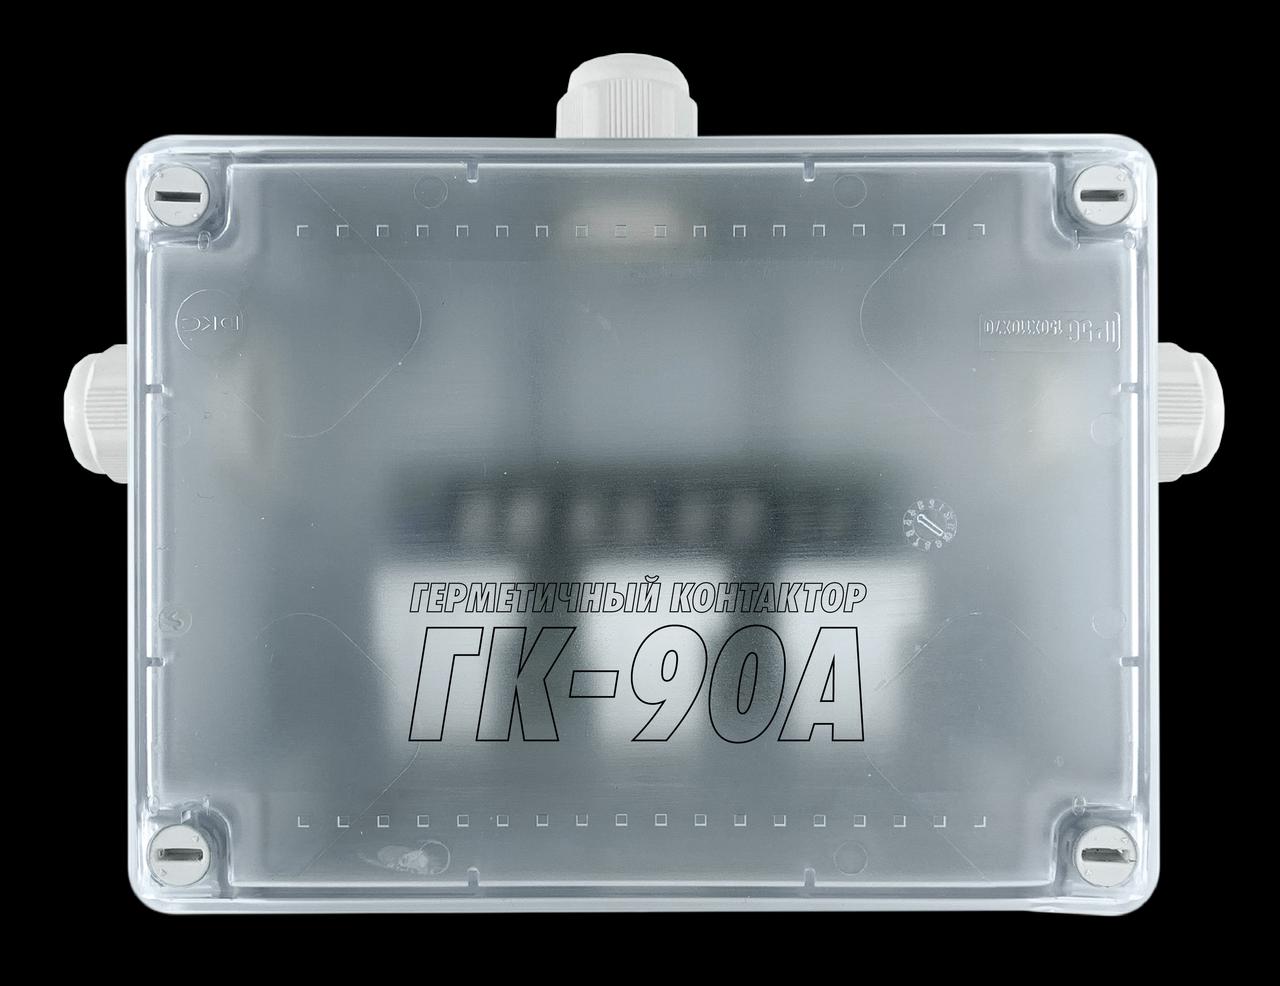 Герметичный контактор ГК-90А (3 х 30А/IP54)